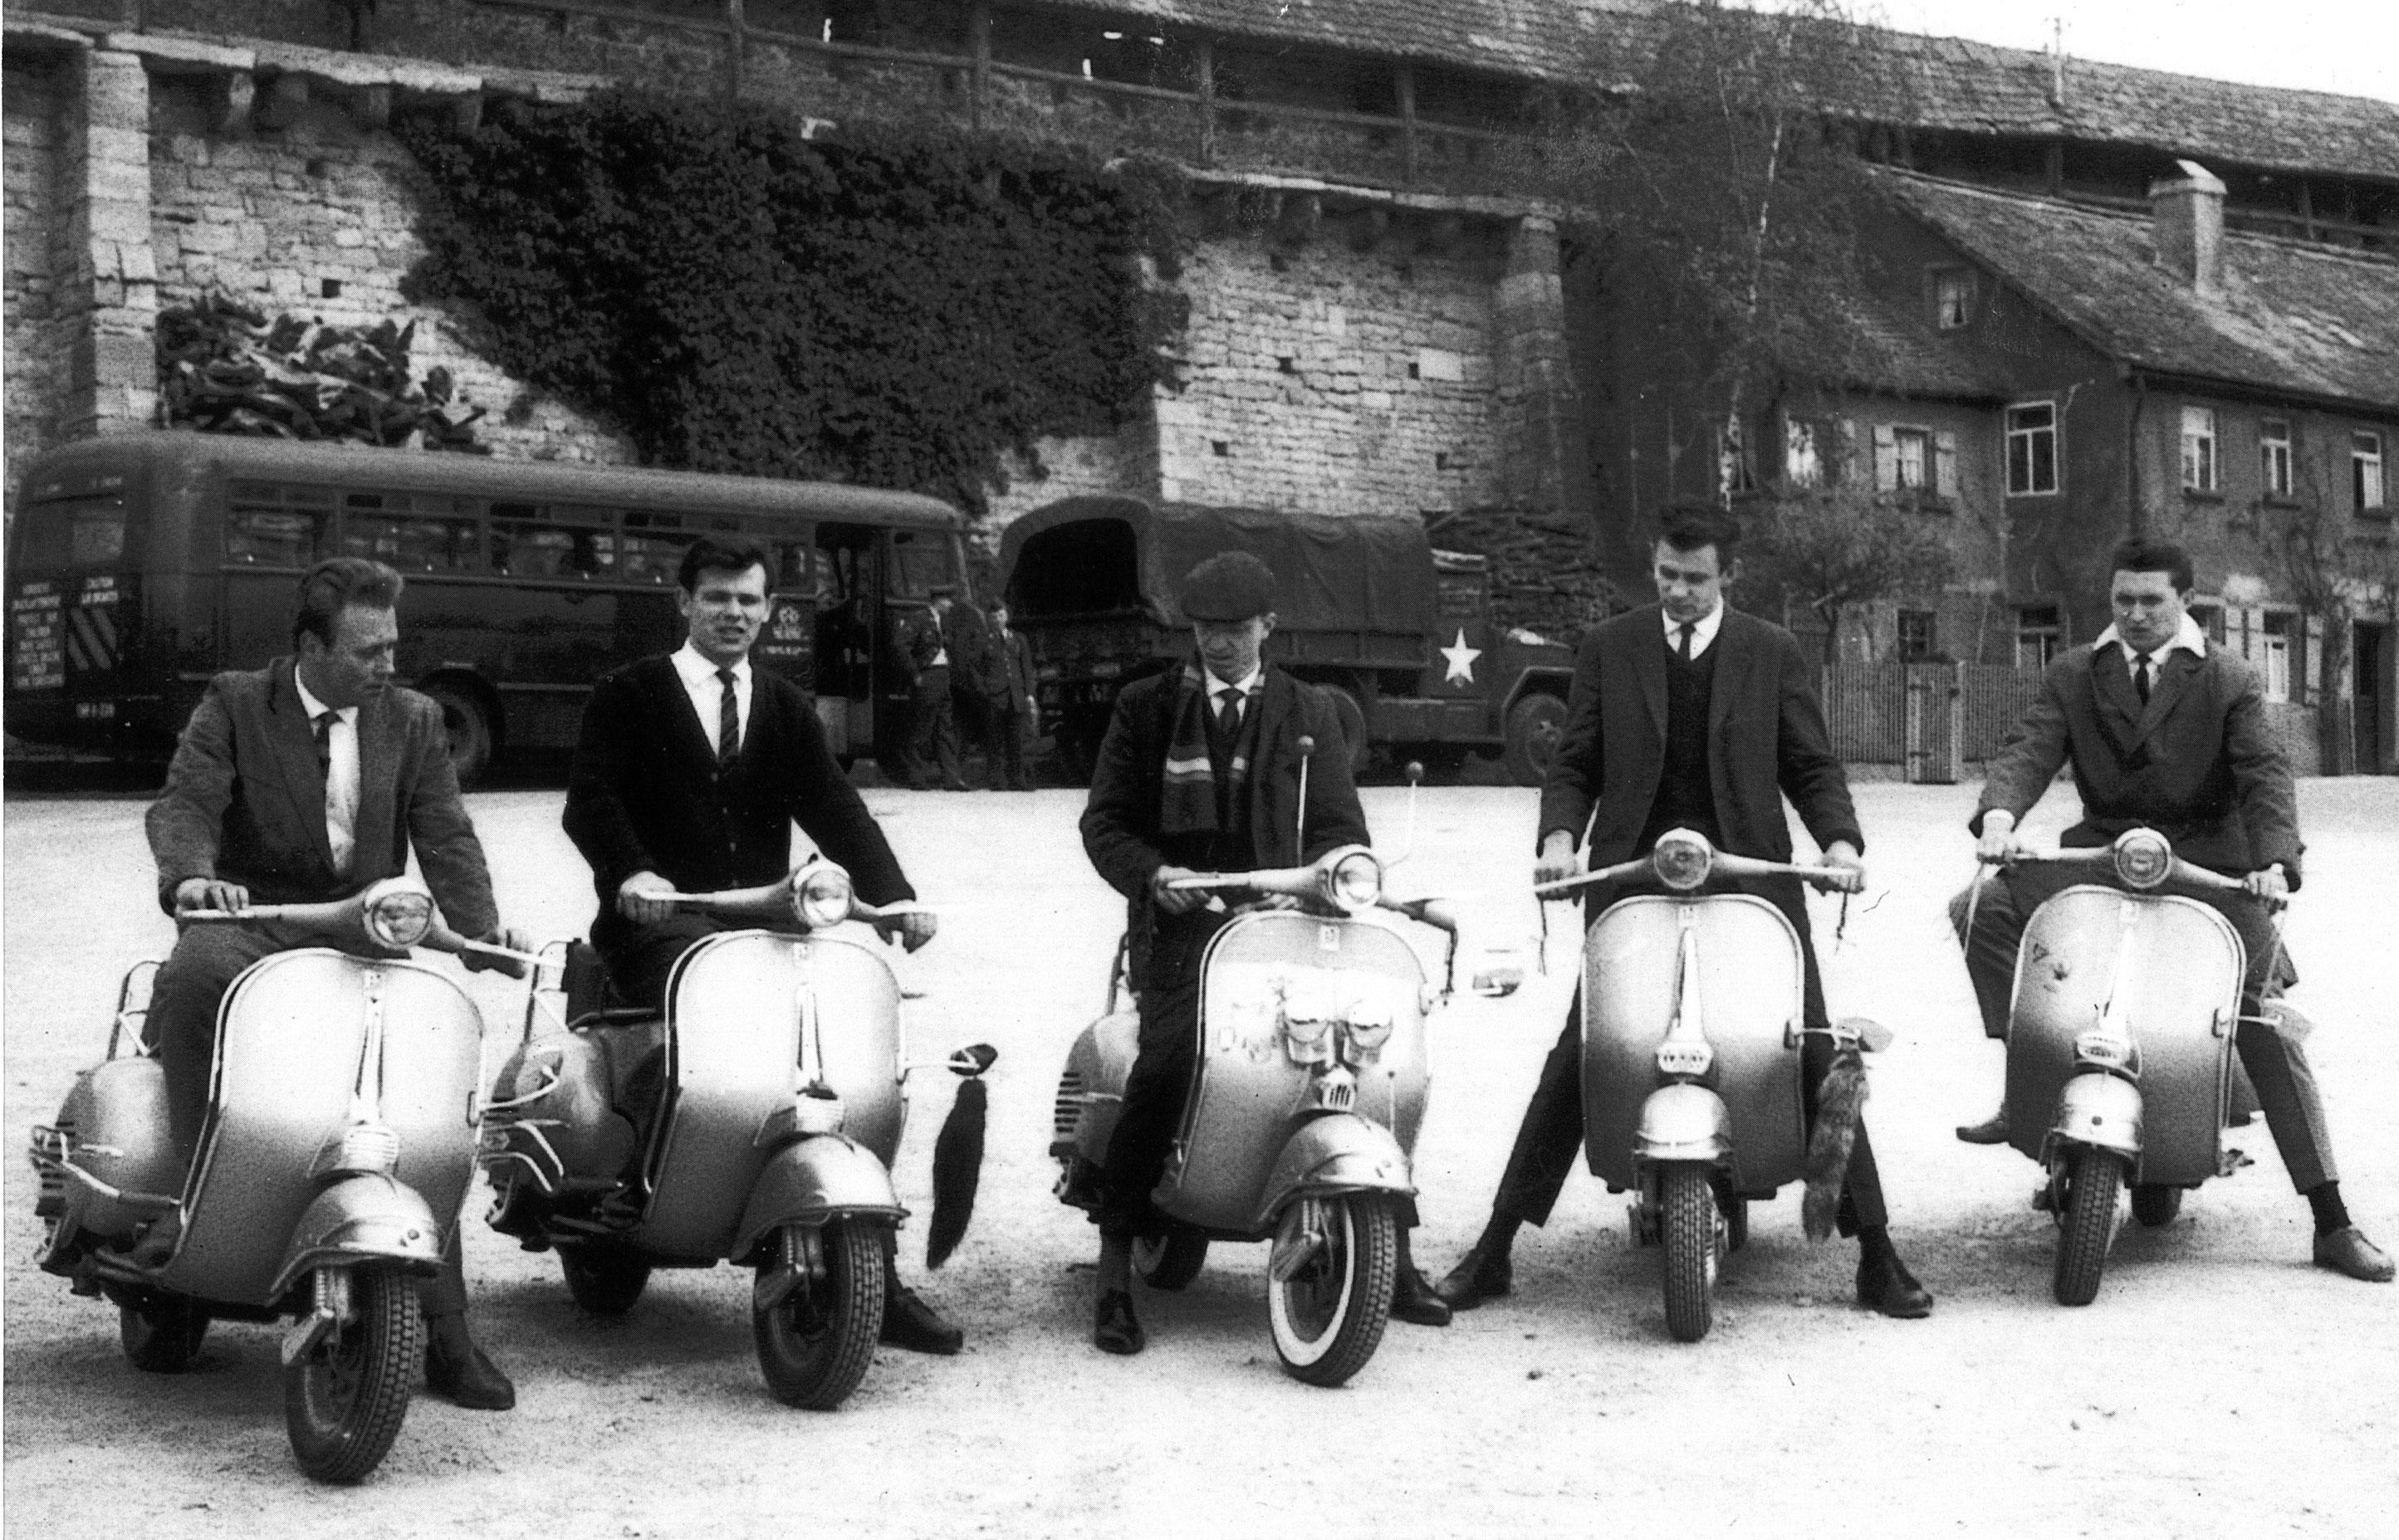 Fünf Gründungsmitglieder des Vespa-Clubs in Rothenburg an der Stadtmauer. (v.li.n.re): Richard Neugebauer, Albert Dehner, Horst Rosemann, Jürgen Zidan und Hermann Pfeiffer. Foto: privat